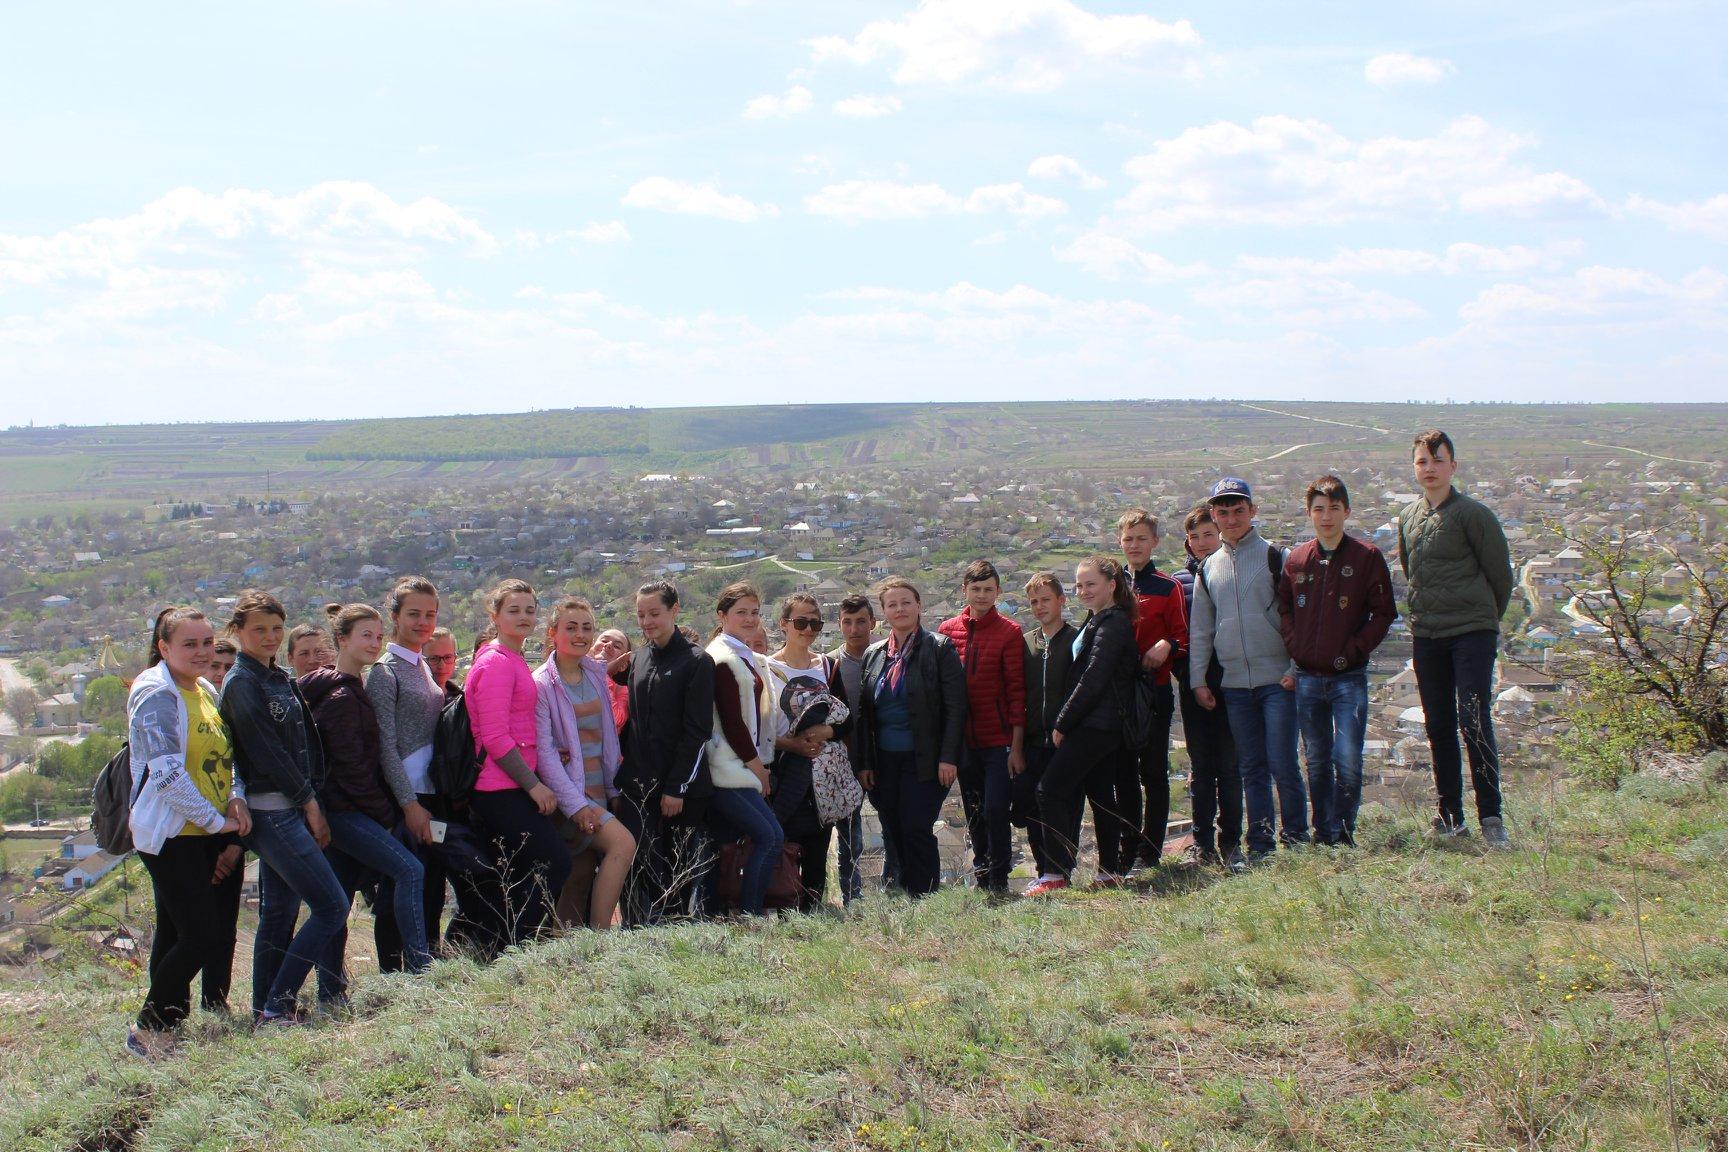 Tinerii din Orheiul Vechi – vocea pentru promovarea durabilă a rezervației